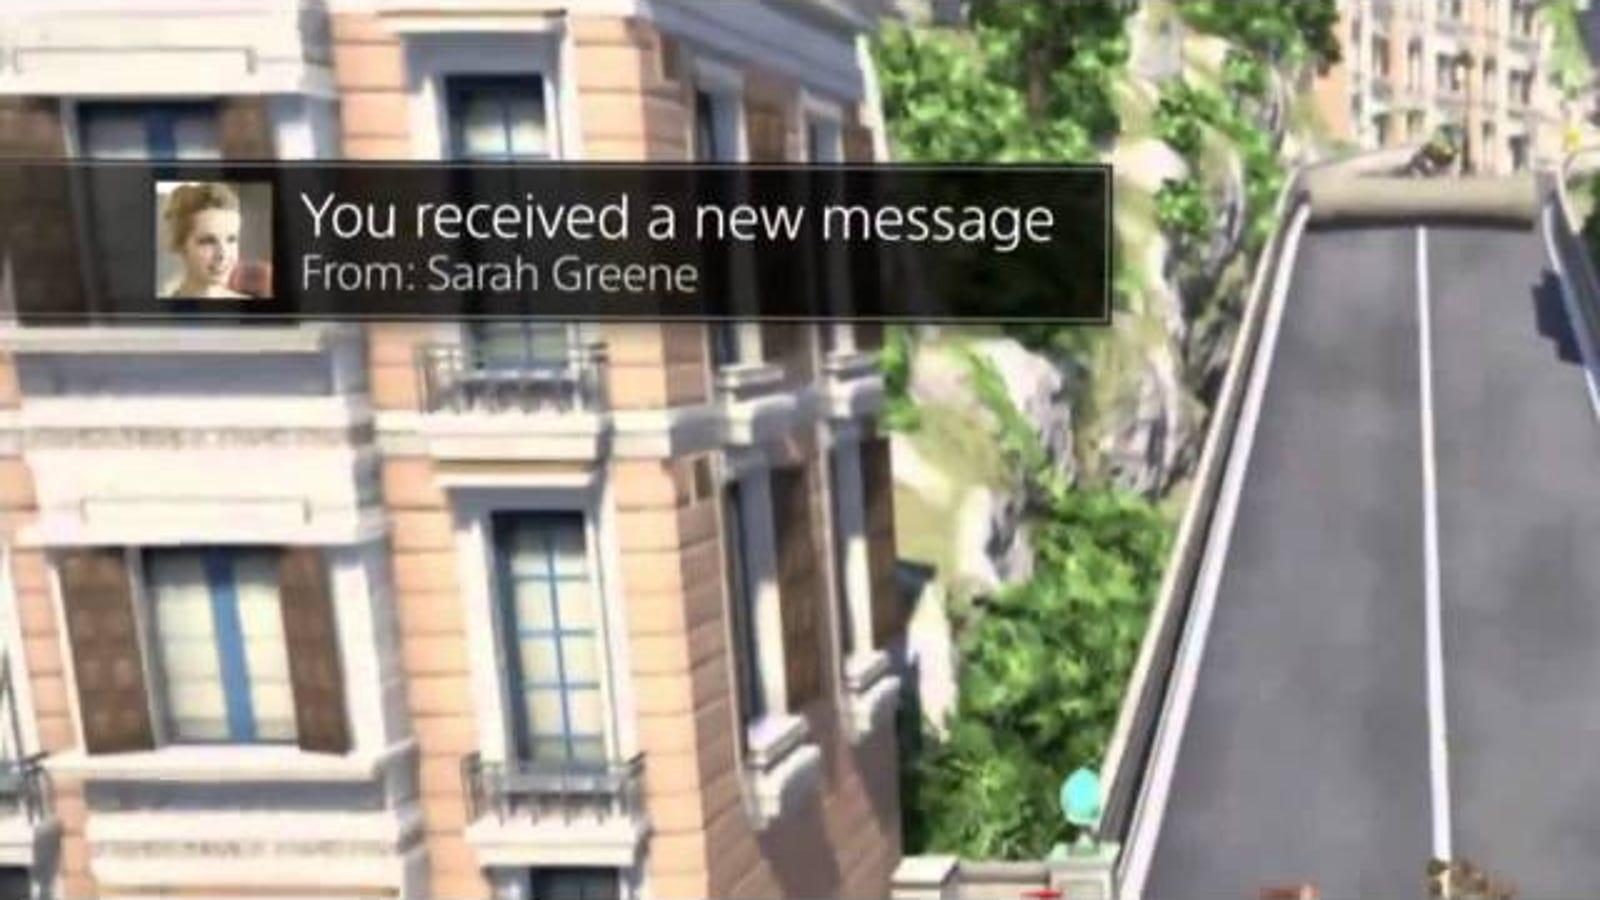 Así funciona la PS4: menú, botón de compartir y chats en acción